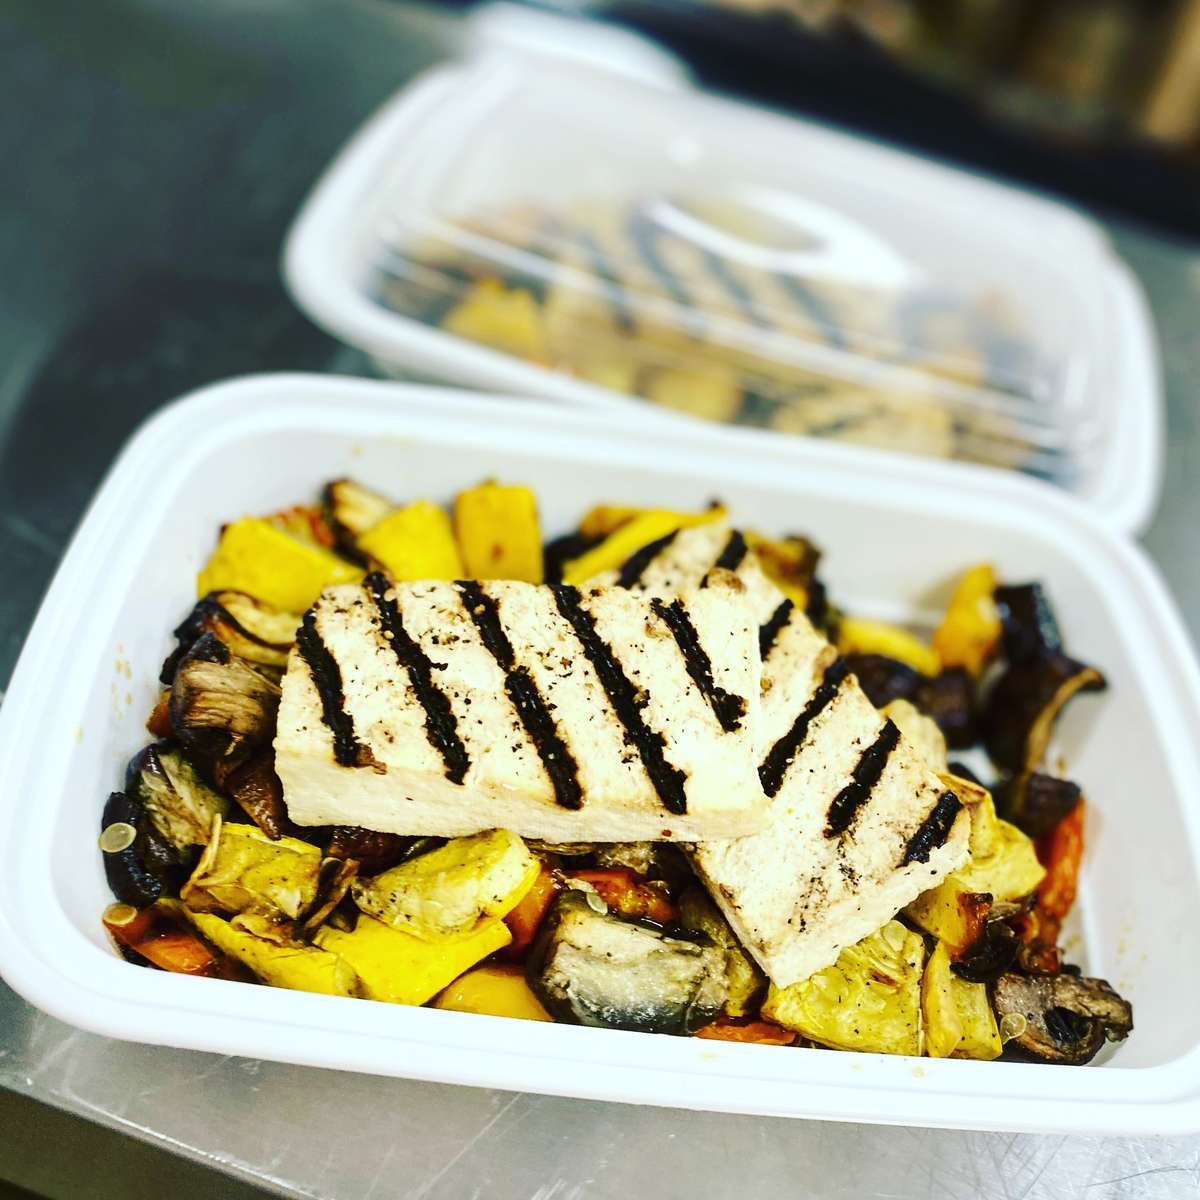 Grilled Tofu with Asian Edamame Salad (vegan)